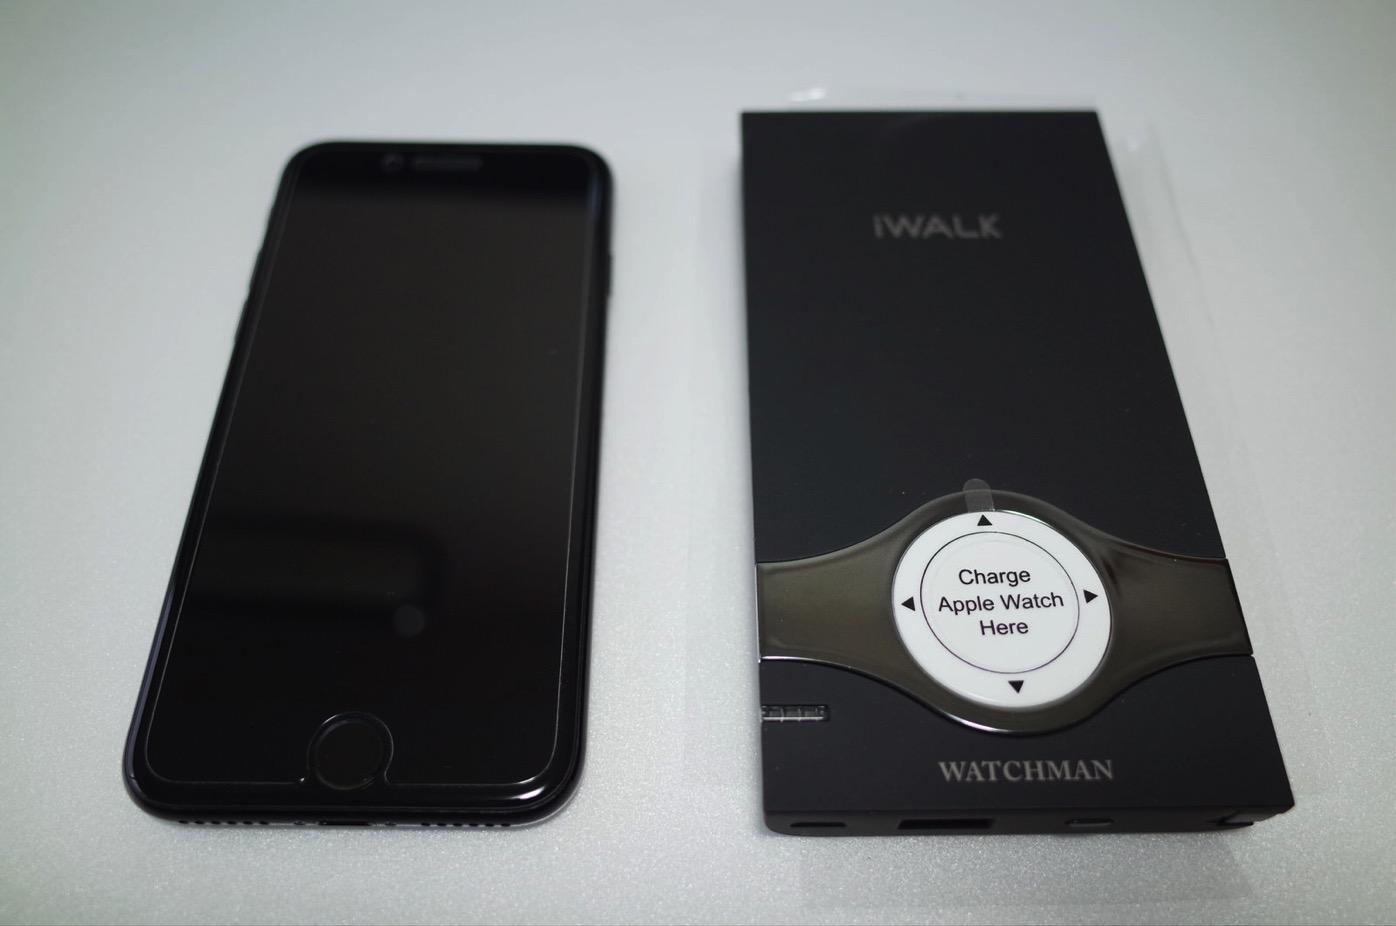 iWalk-8